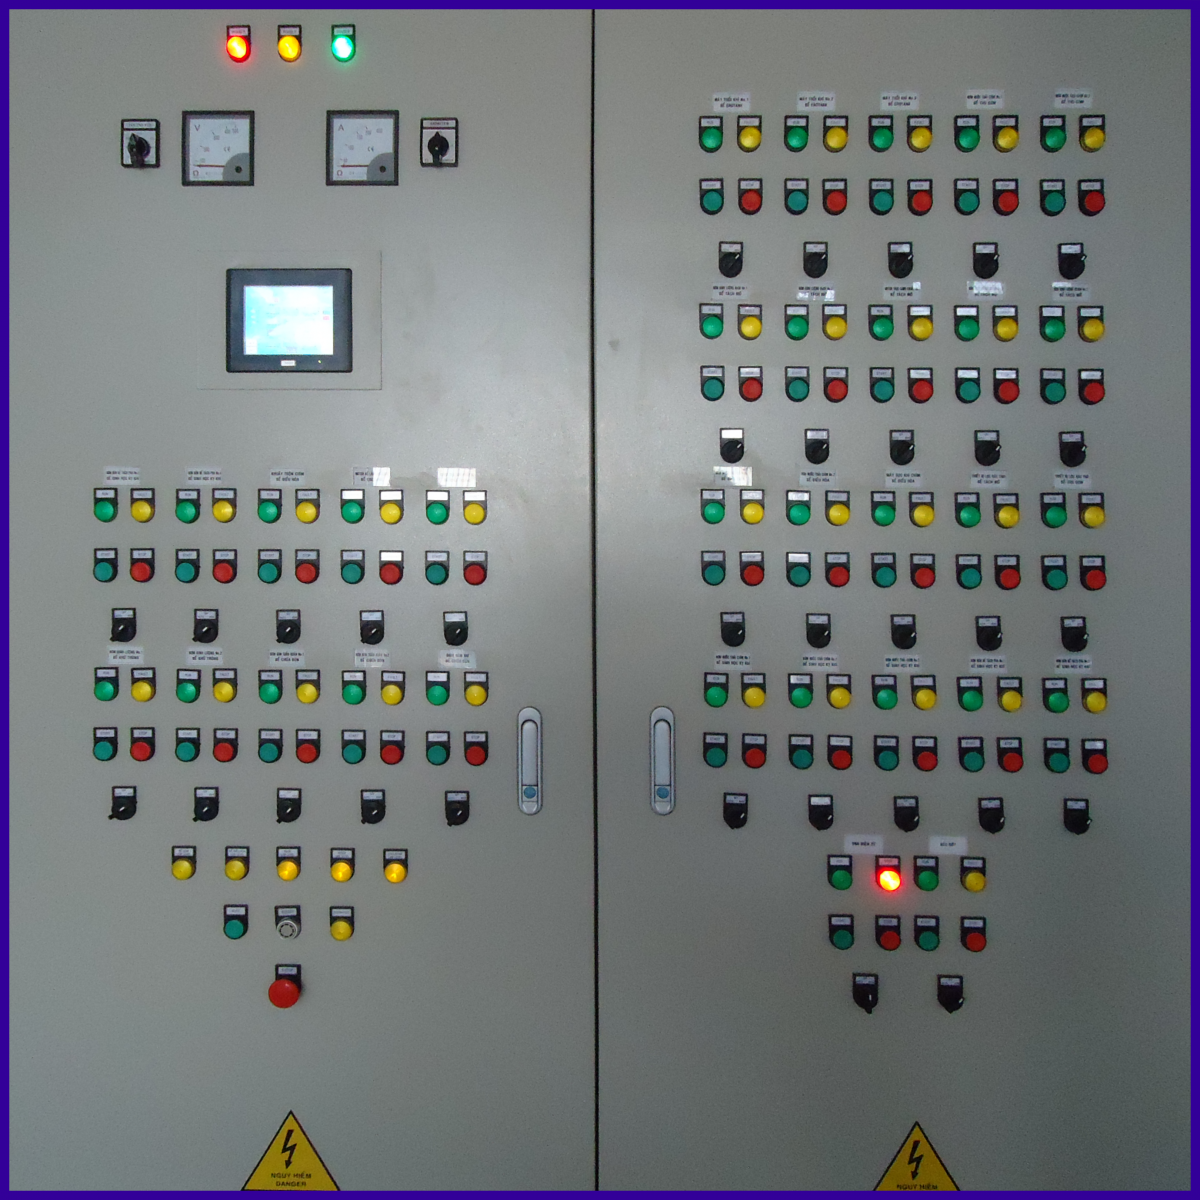 Tủ điều khiển tự động hóa (PLC)